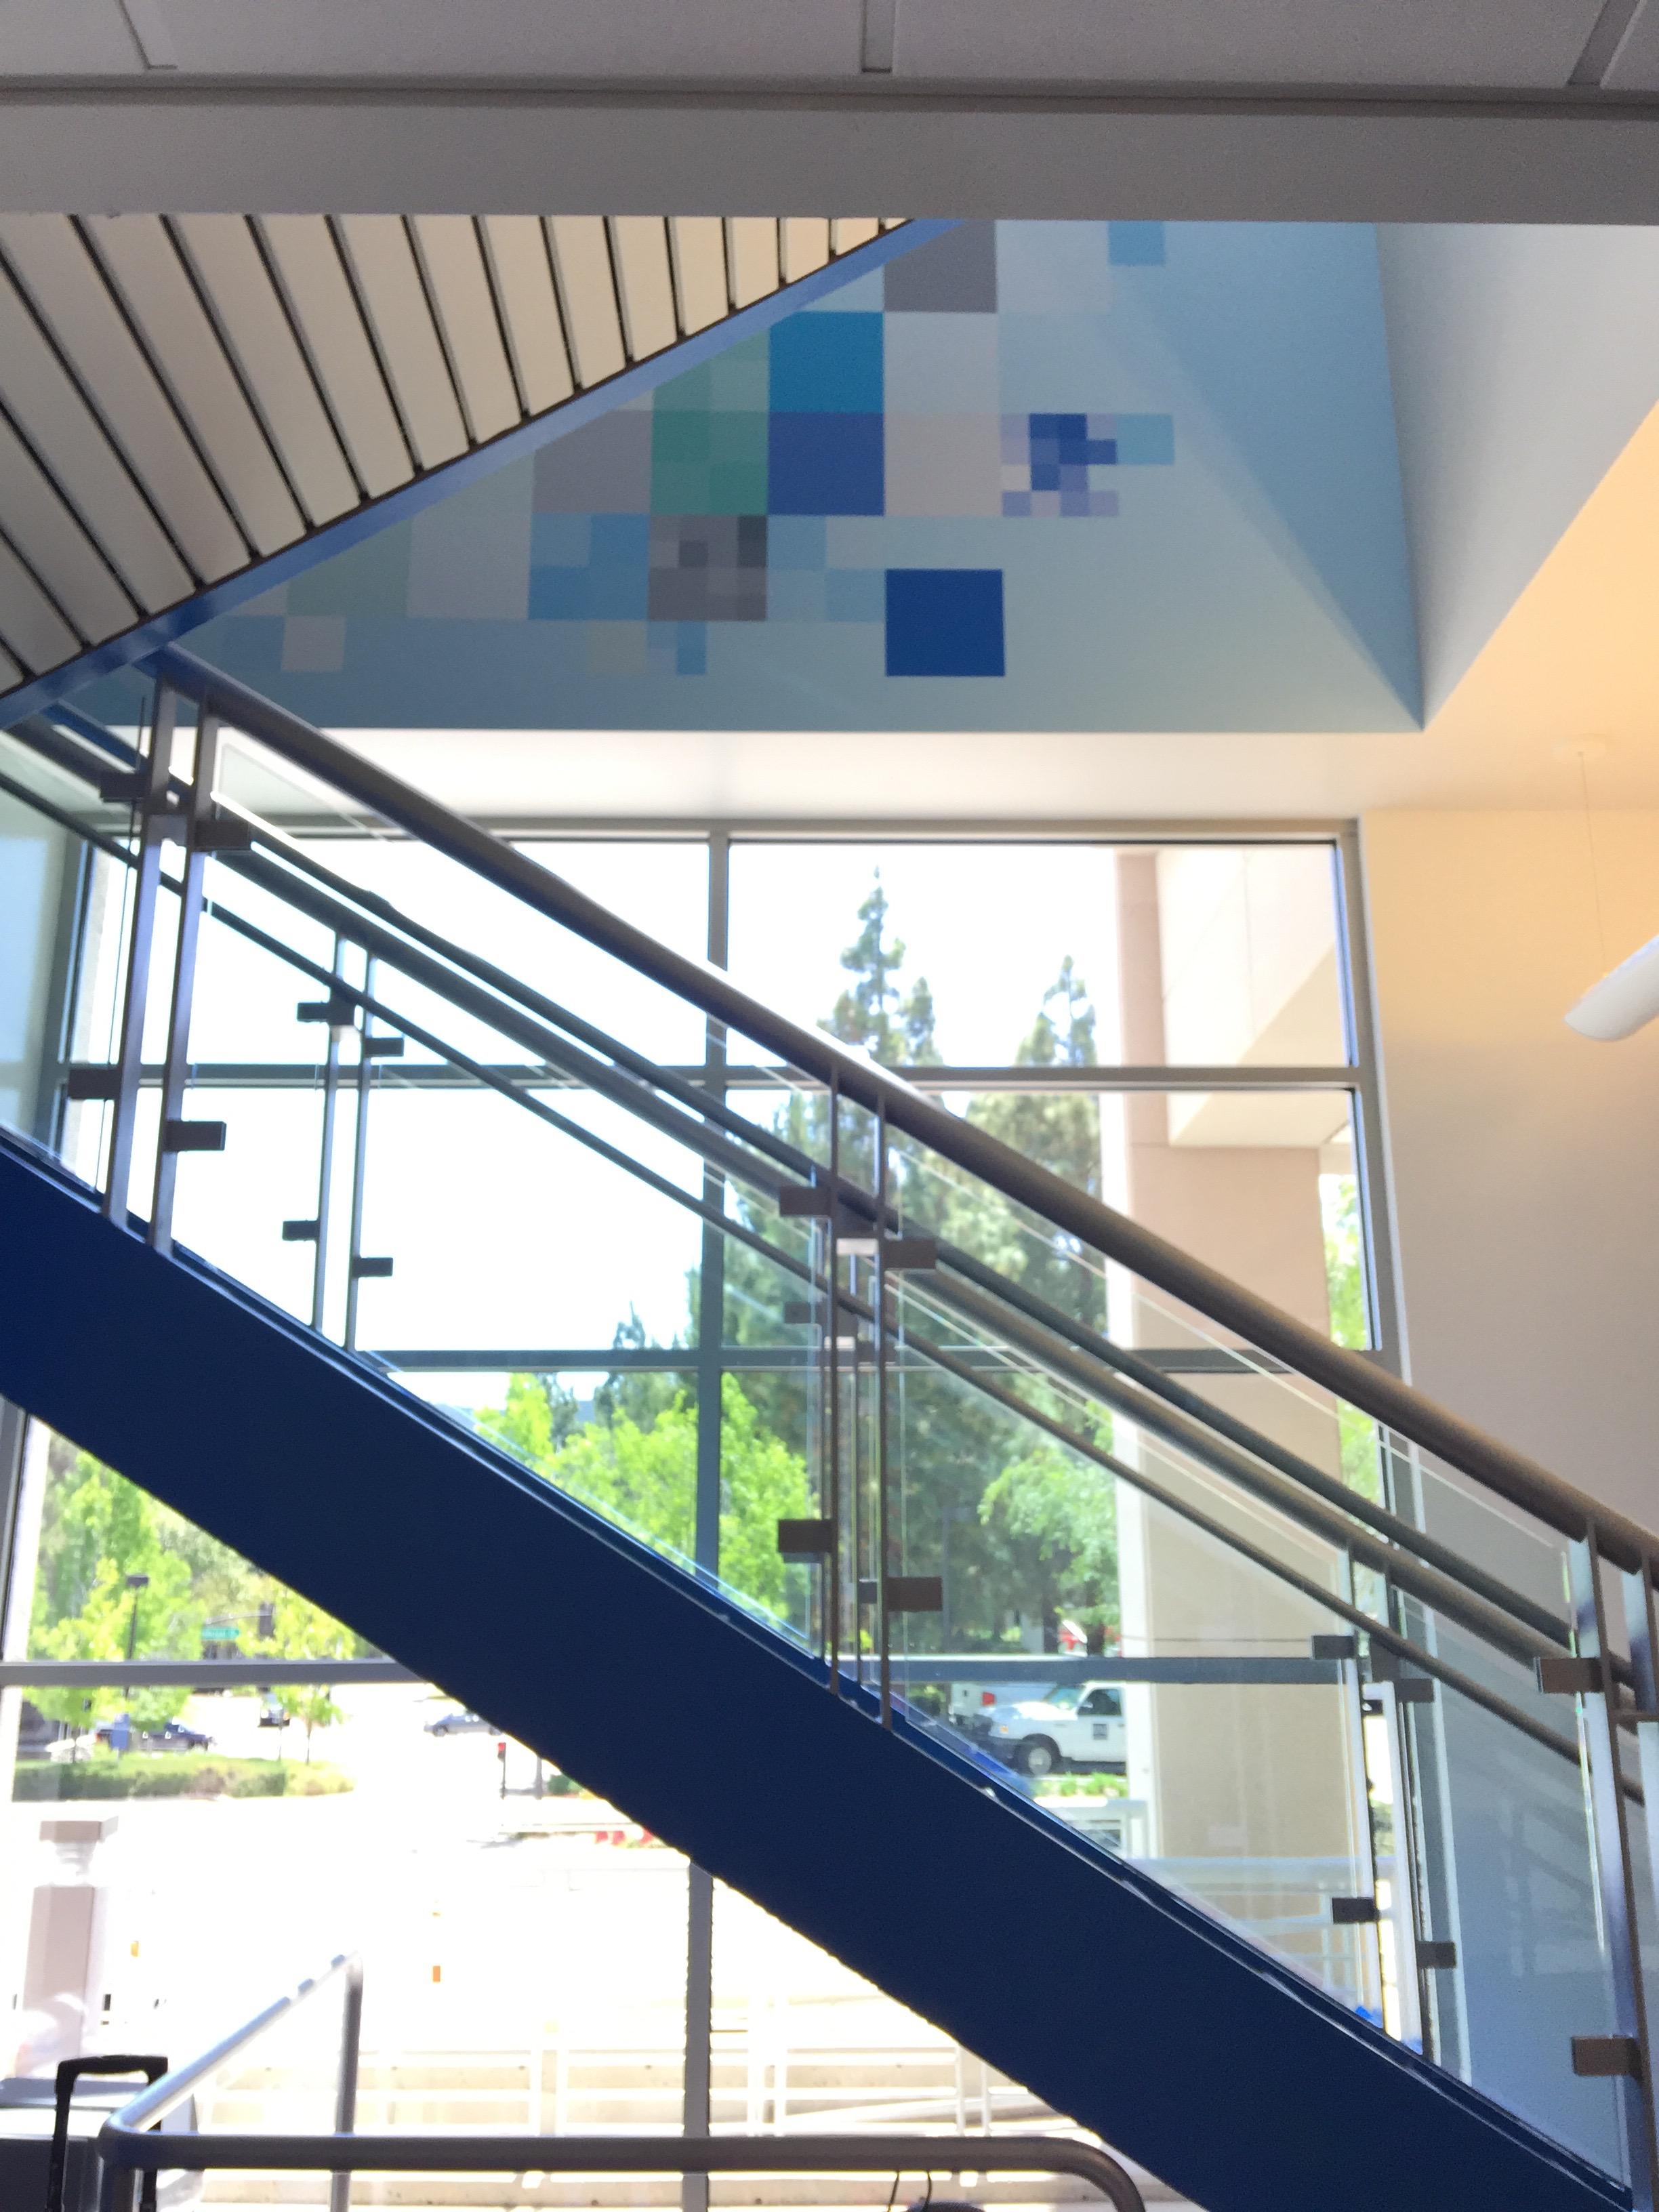 amgen lobby 23 design4.jpg